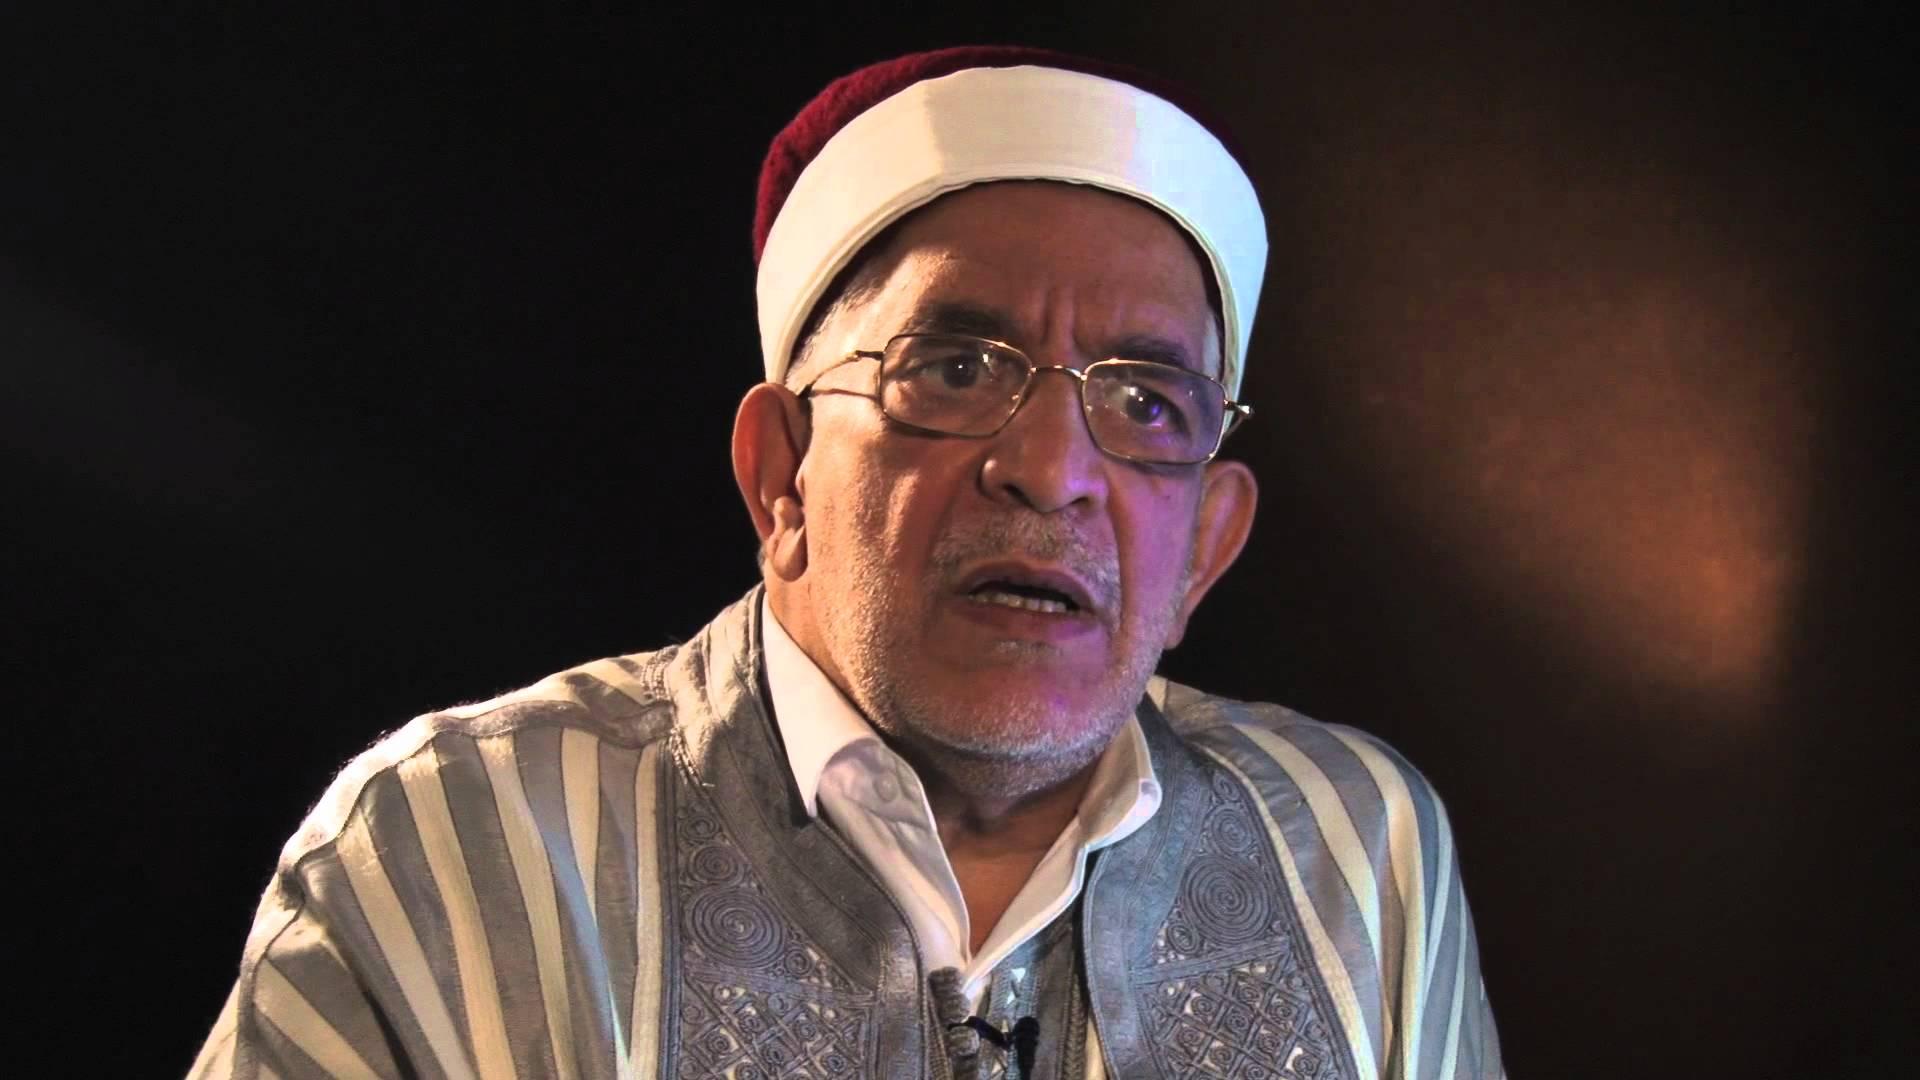 حركة النهضة تقدم لأول مرة في تاريخها مرشحا للانتخابات الرئاسية التونسية